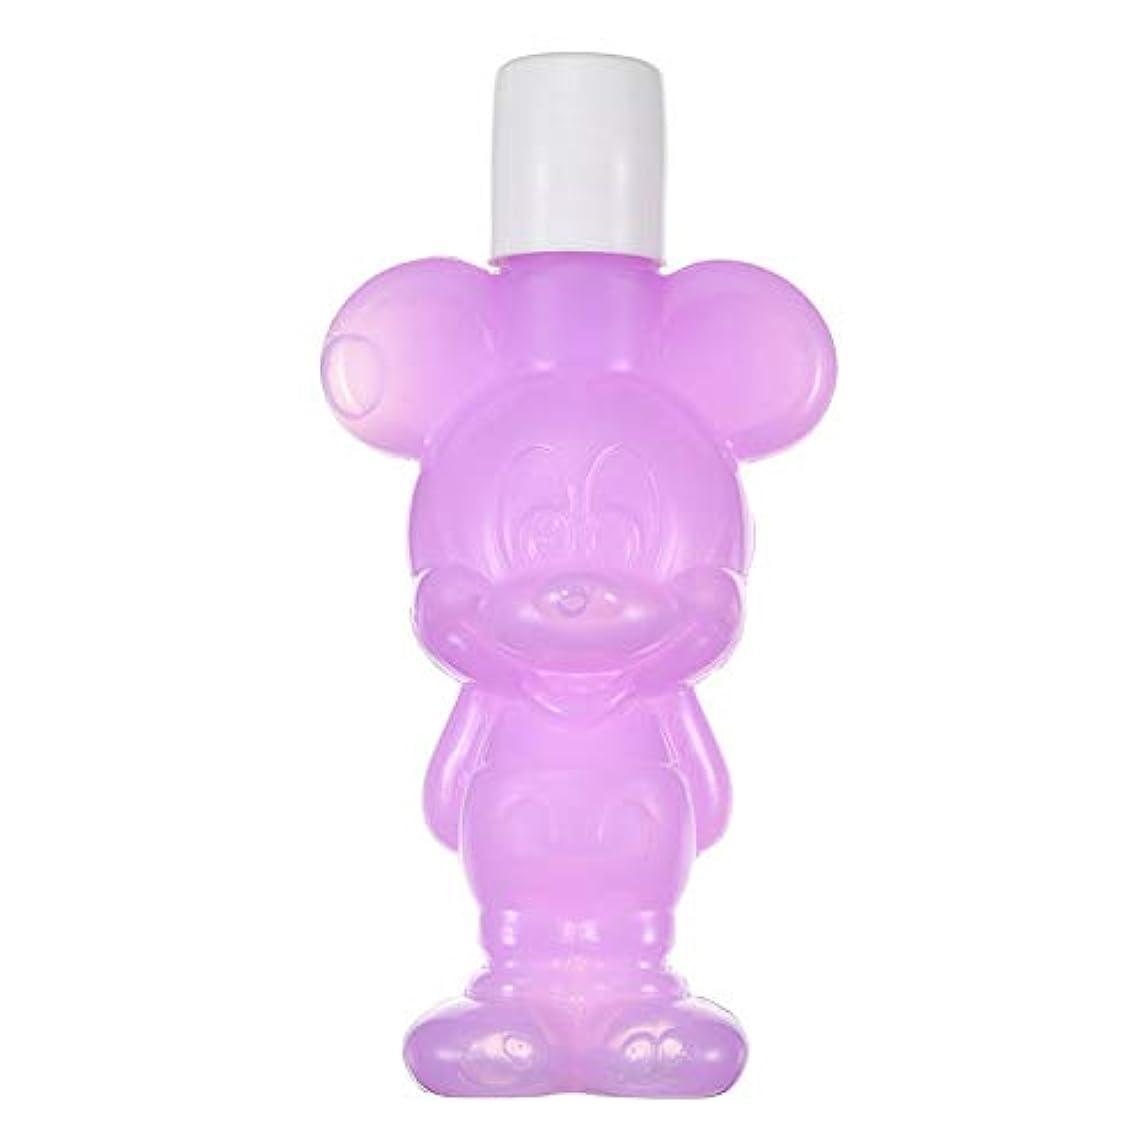 直立パークこれまでディズニーストア(公式)保湿ジェル ミッキー パープル Gummy Candy Cosme